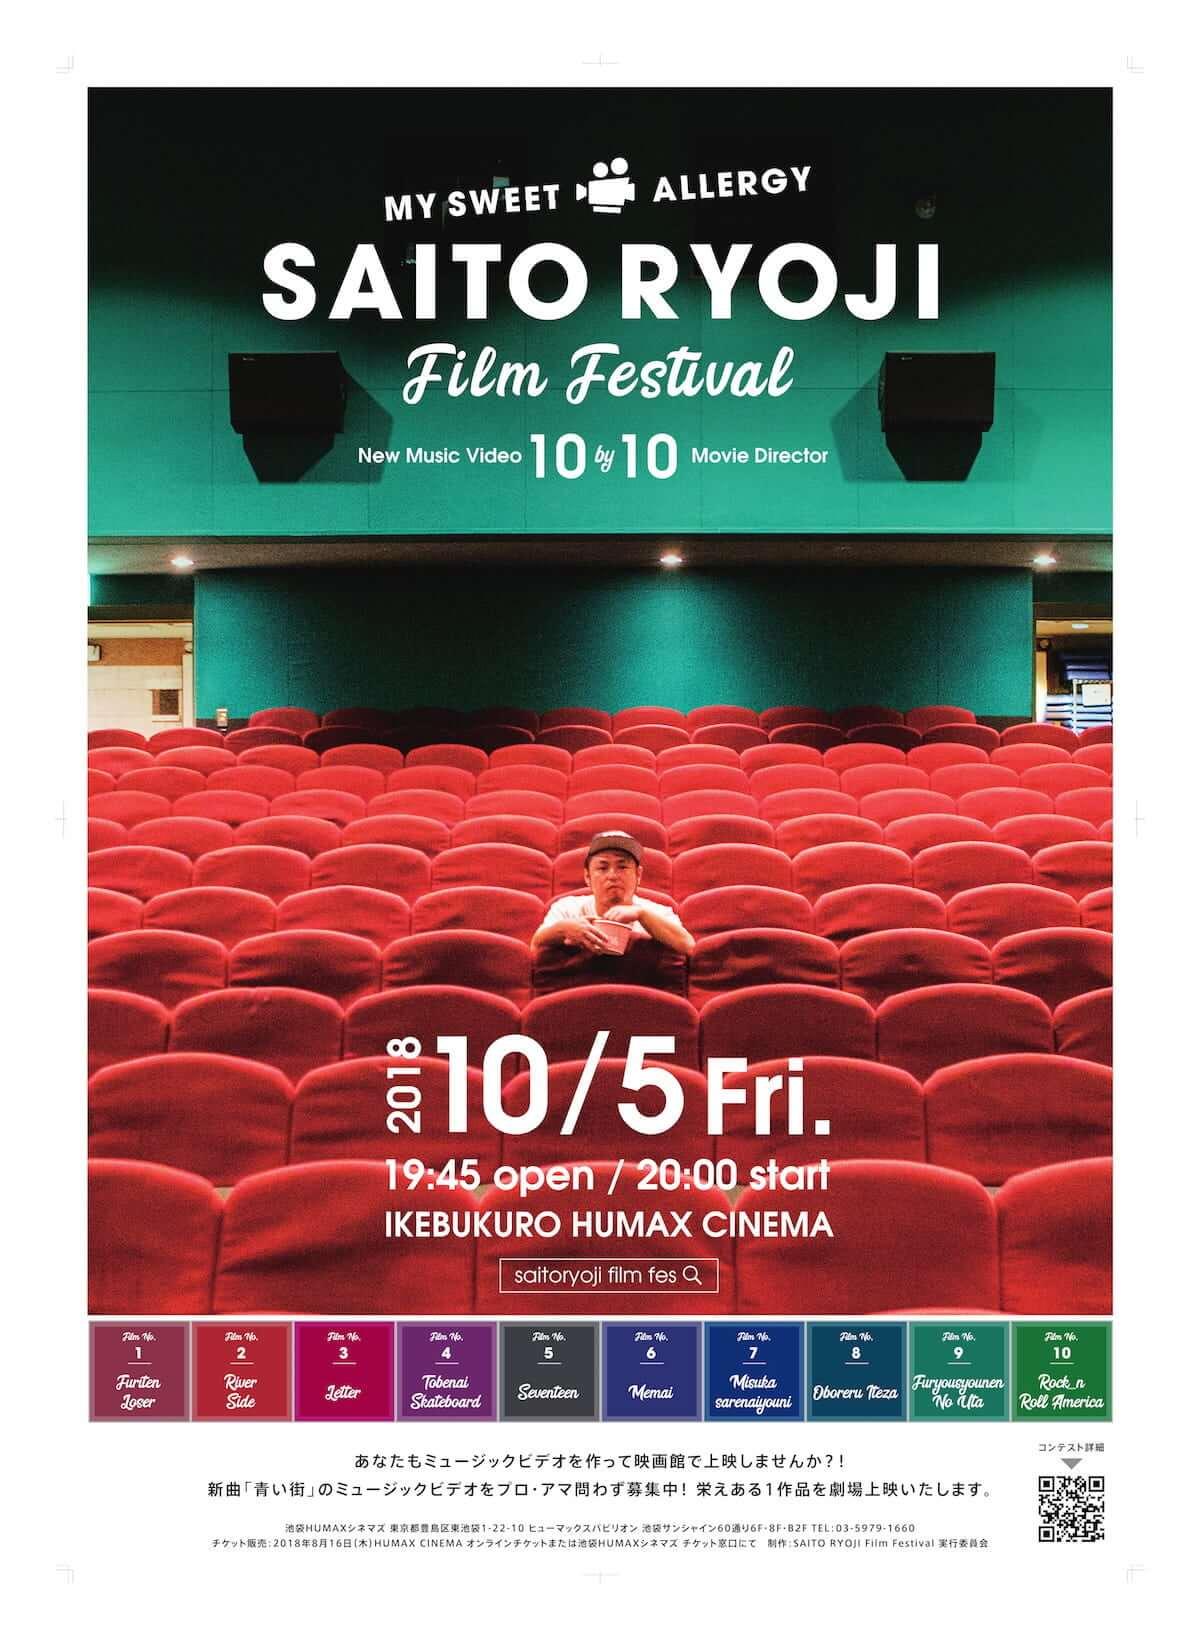 さいとうりょうじが映画館でMVフェスティバル<SAITO RYOJI Film Festival>開催!スティーブン・スピルバーグにMV監督のオファー!? music180914_saitoryoji_02-1200x1638